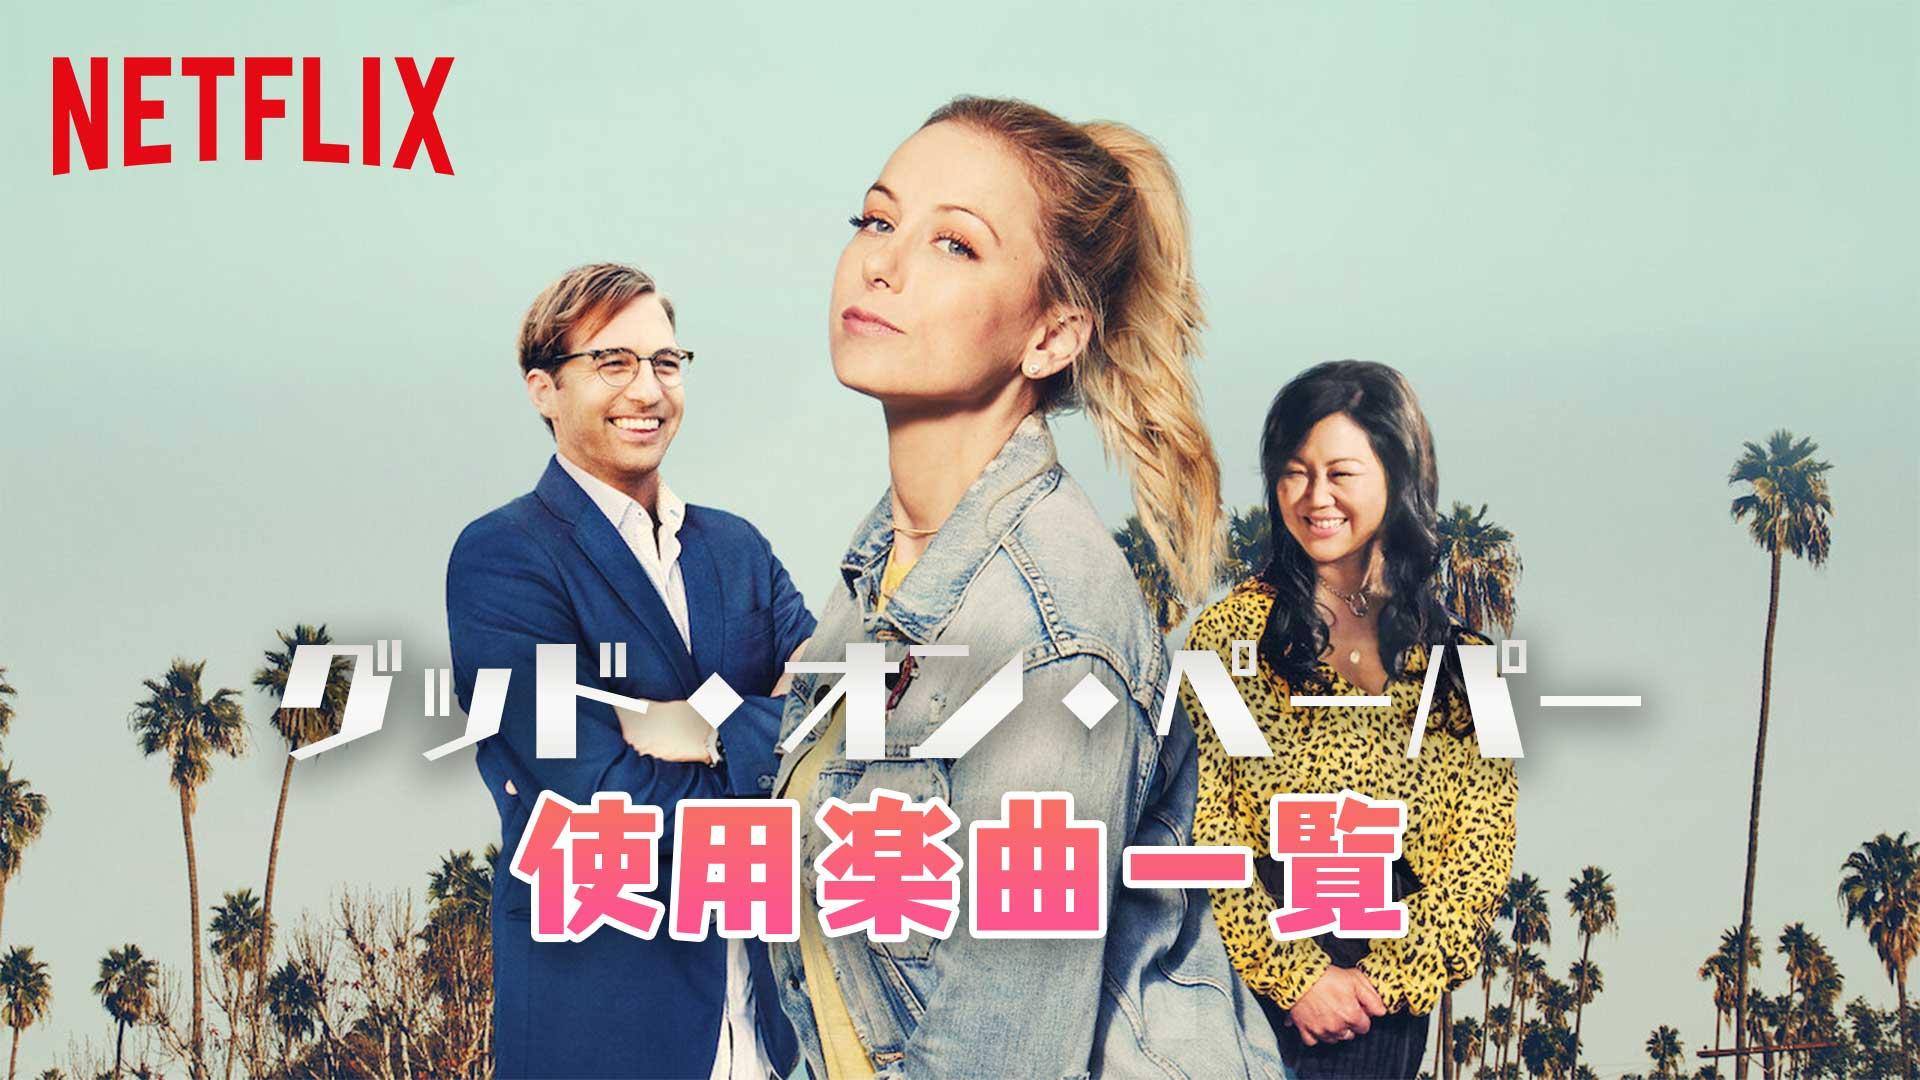 Netflix映画『グッド・オン・ペーパー』で使われている曲まとめ!!